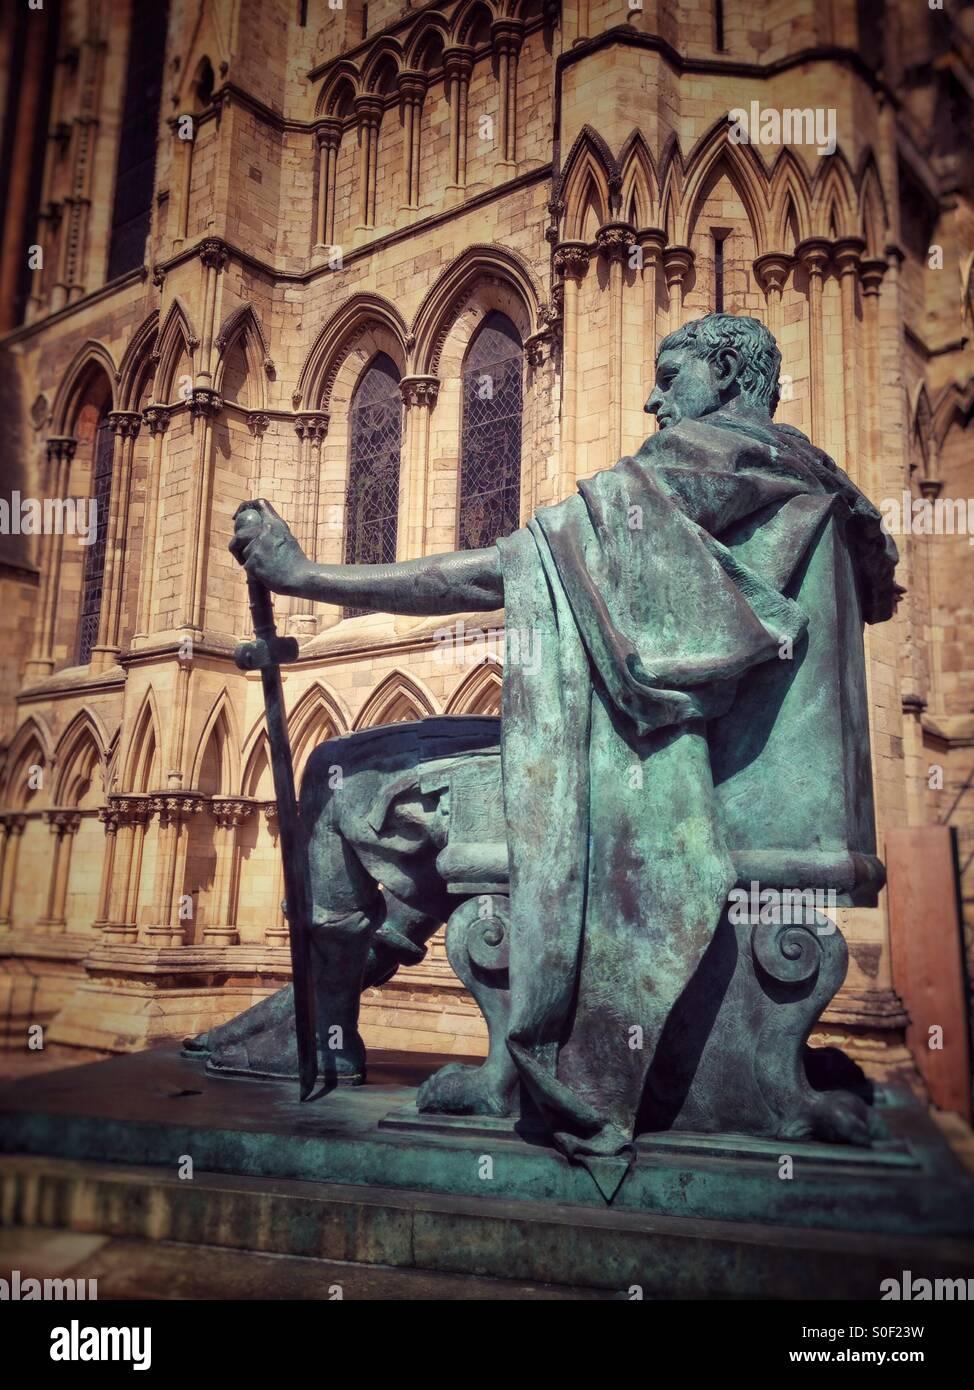 L imperatore Costantino statua al di fuori di un soleggiato York Minster, Yorkshire England Regno Unito Immagini Stock